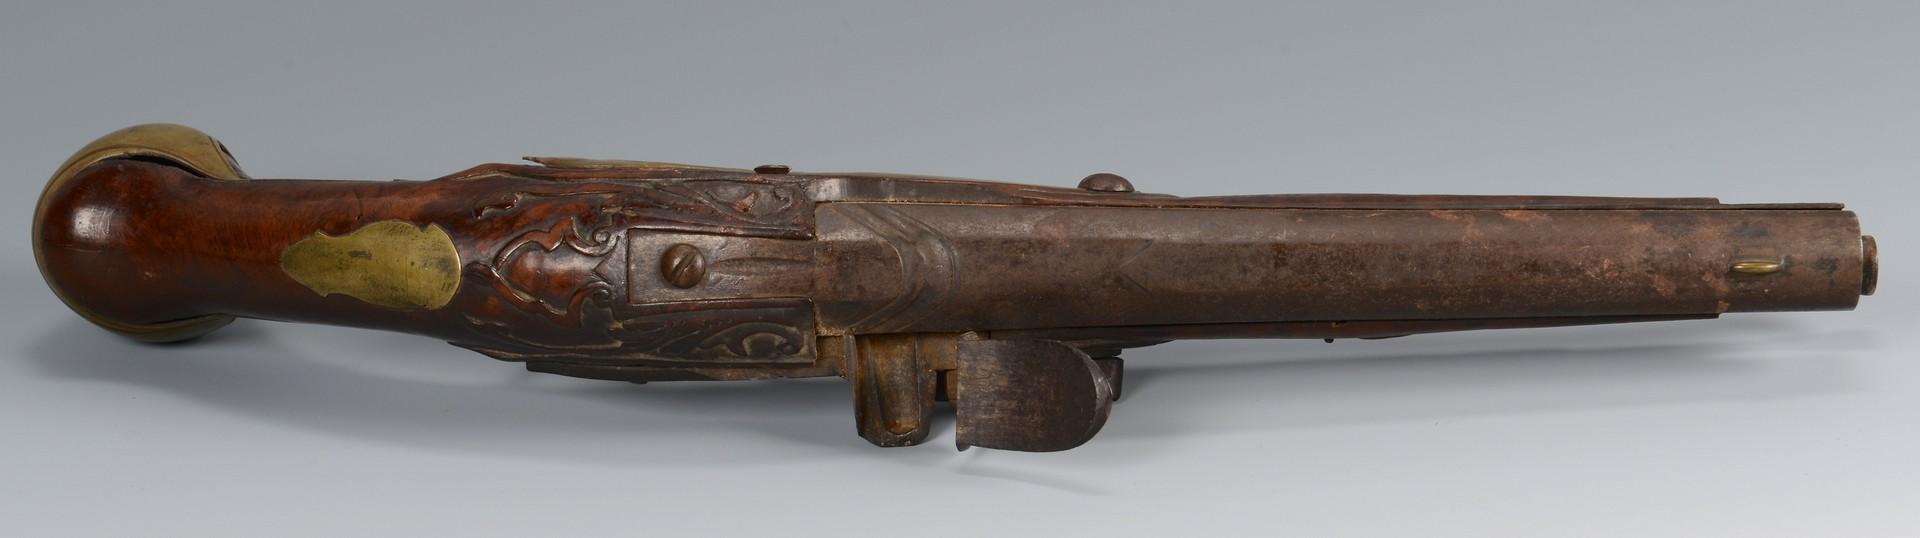 Lot 191: 2 Continental Flintlock Pistols, Powder Horn